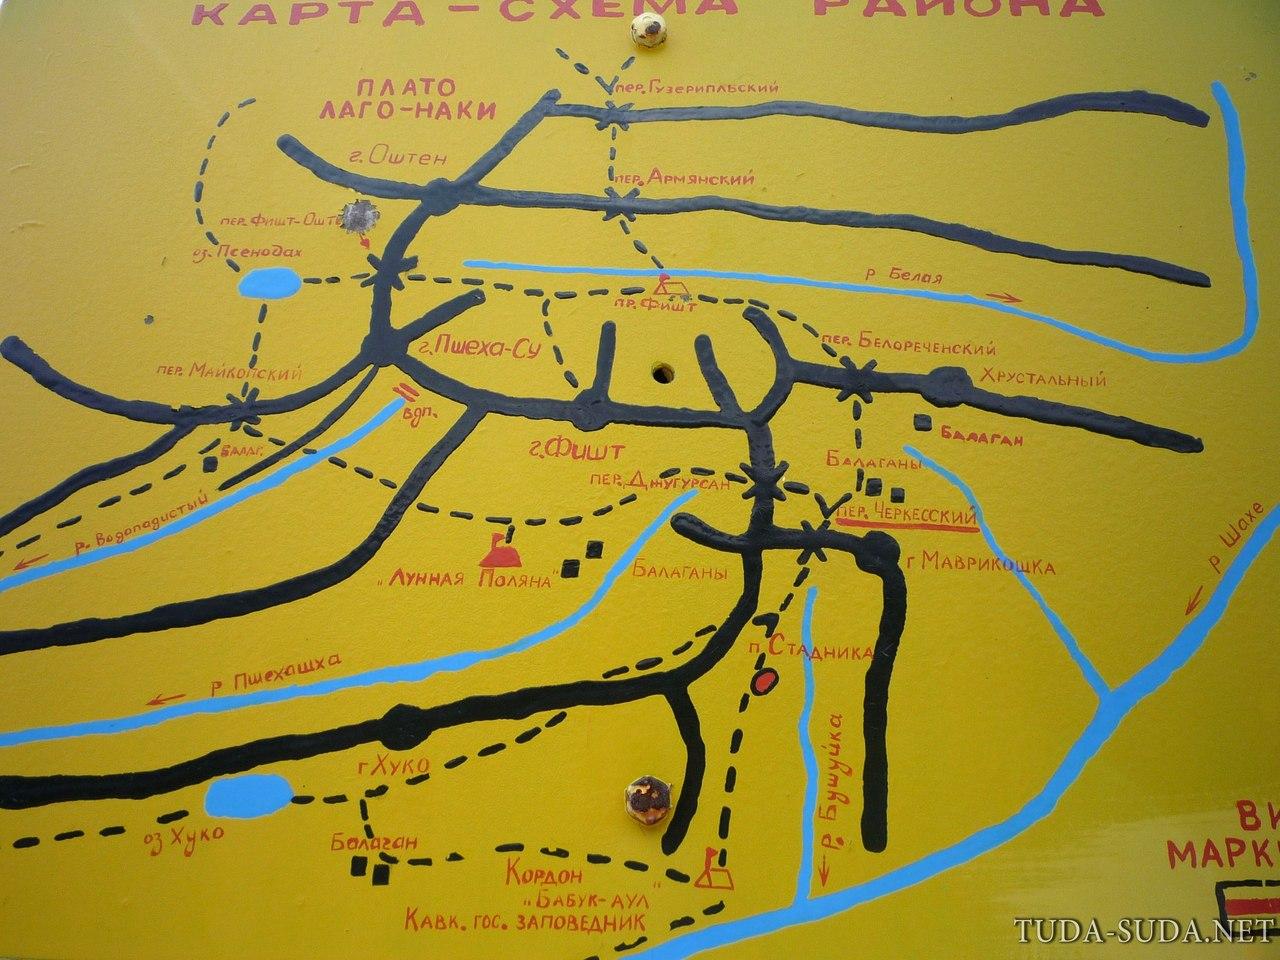 Тридцатка маршрут карта